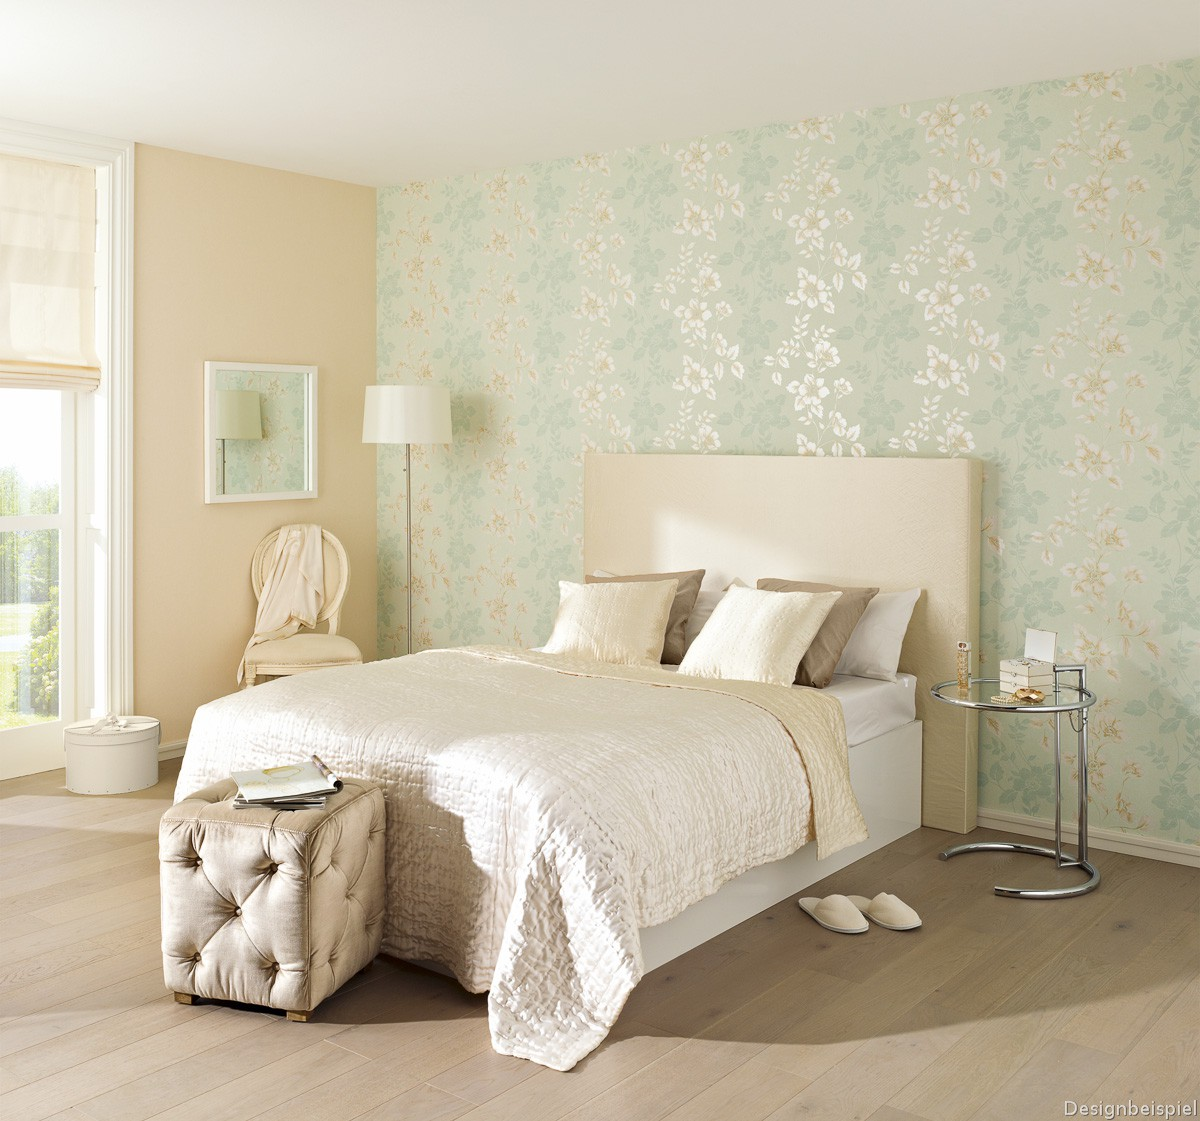 Schlafzimmer landhausstil tapeten: franzosischer landhausstil ...